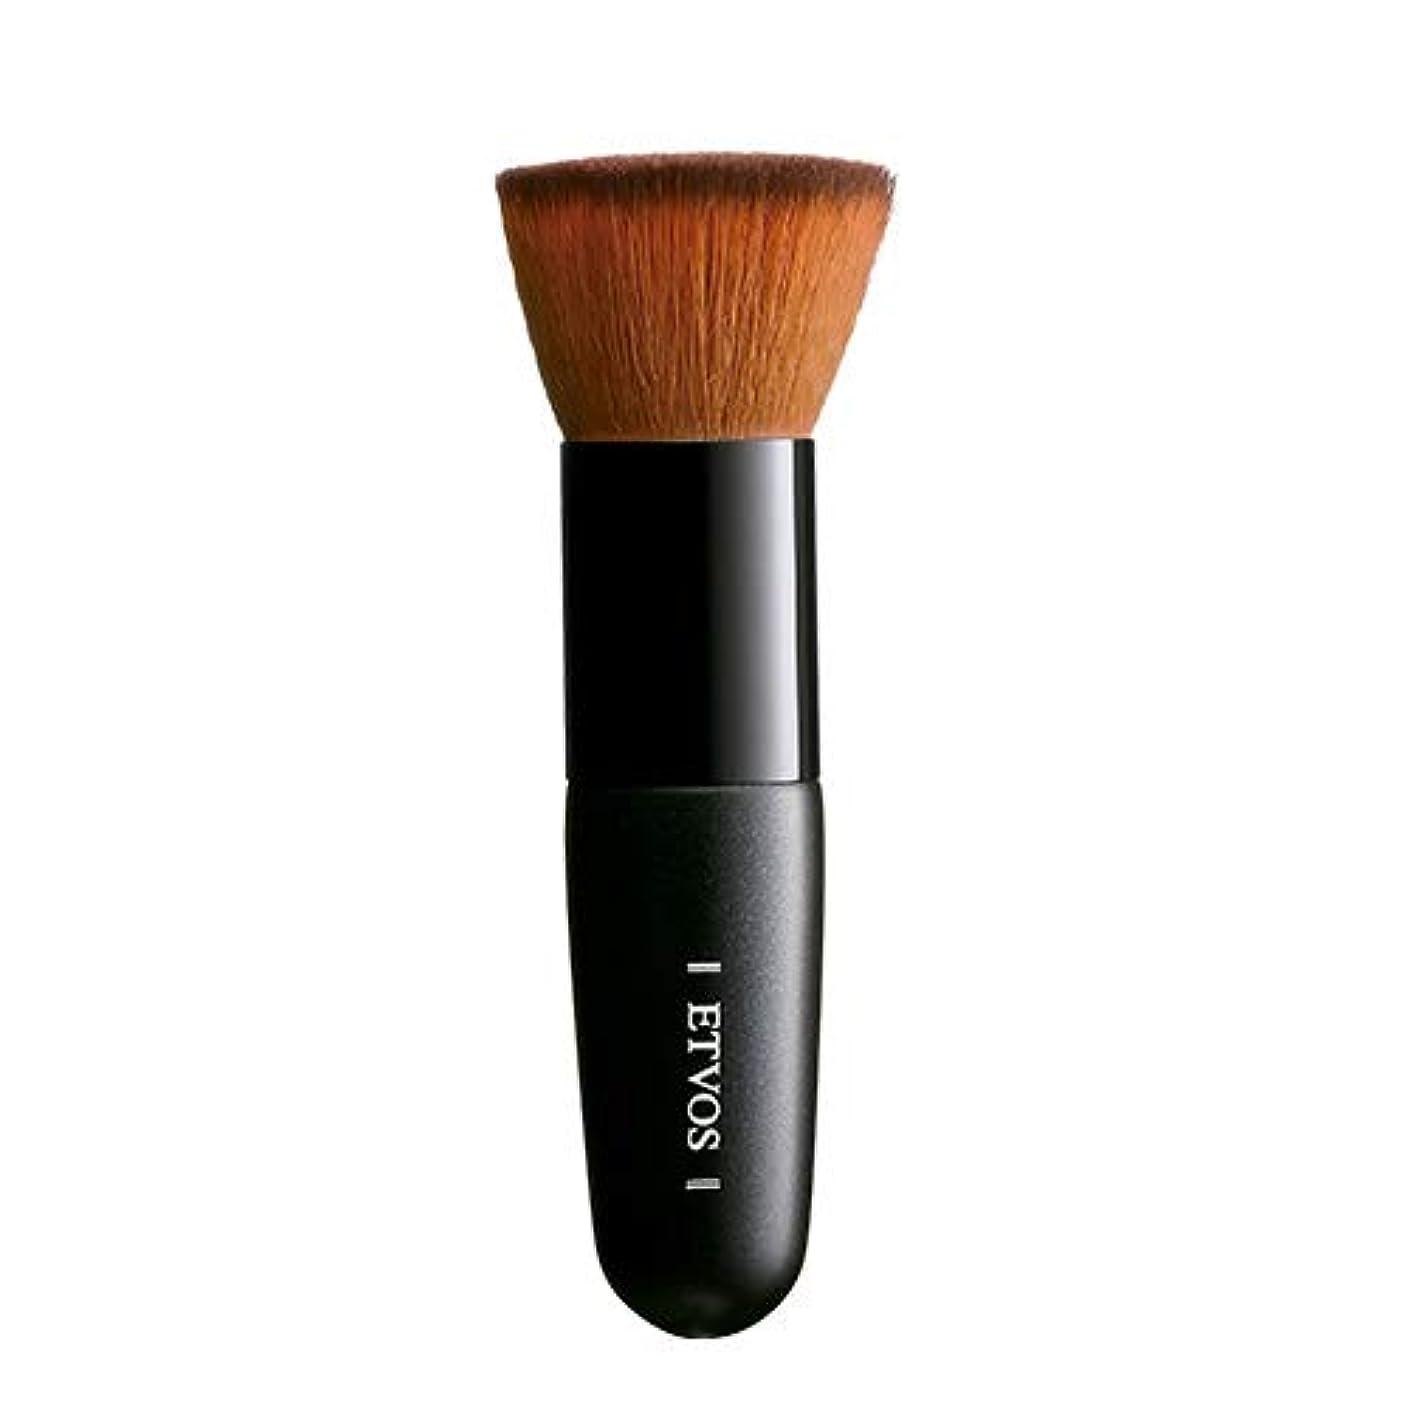 黒くするフェリー透明にETVOS(エトヴォス) フラットトップブラシ 扱いやすい垂直カット/メイクブラシ 高級タクロン/化粧筆 10cm